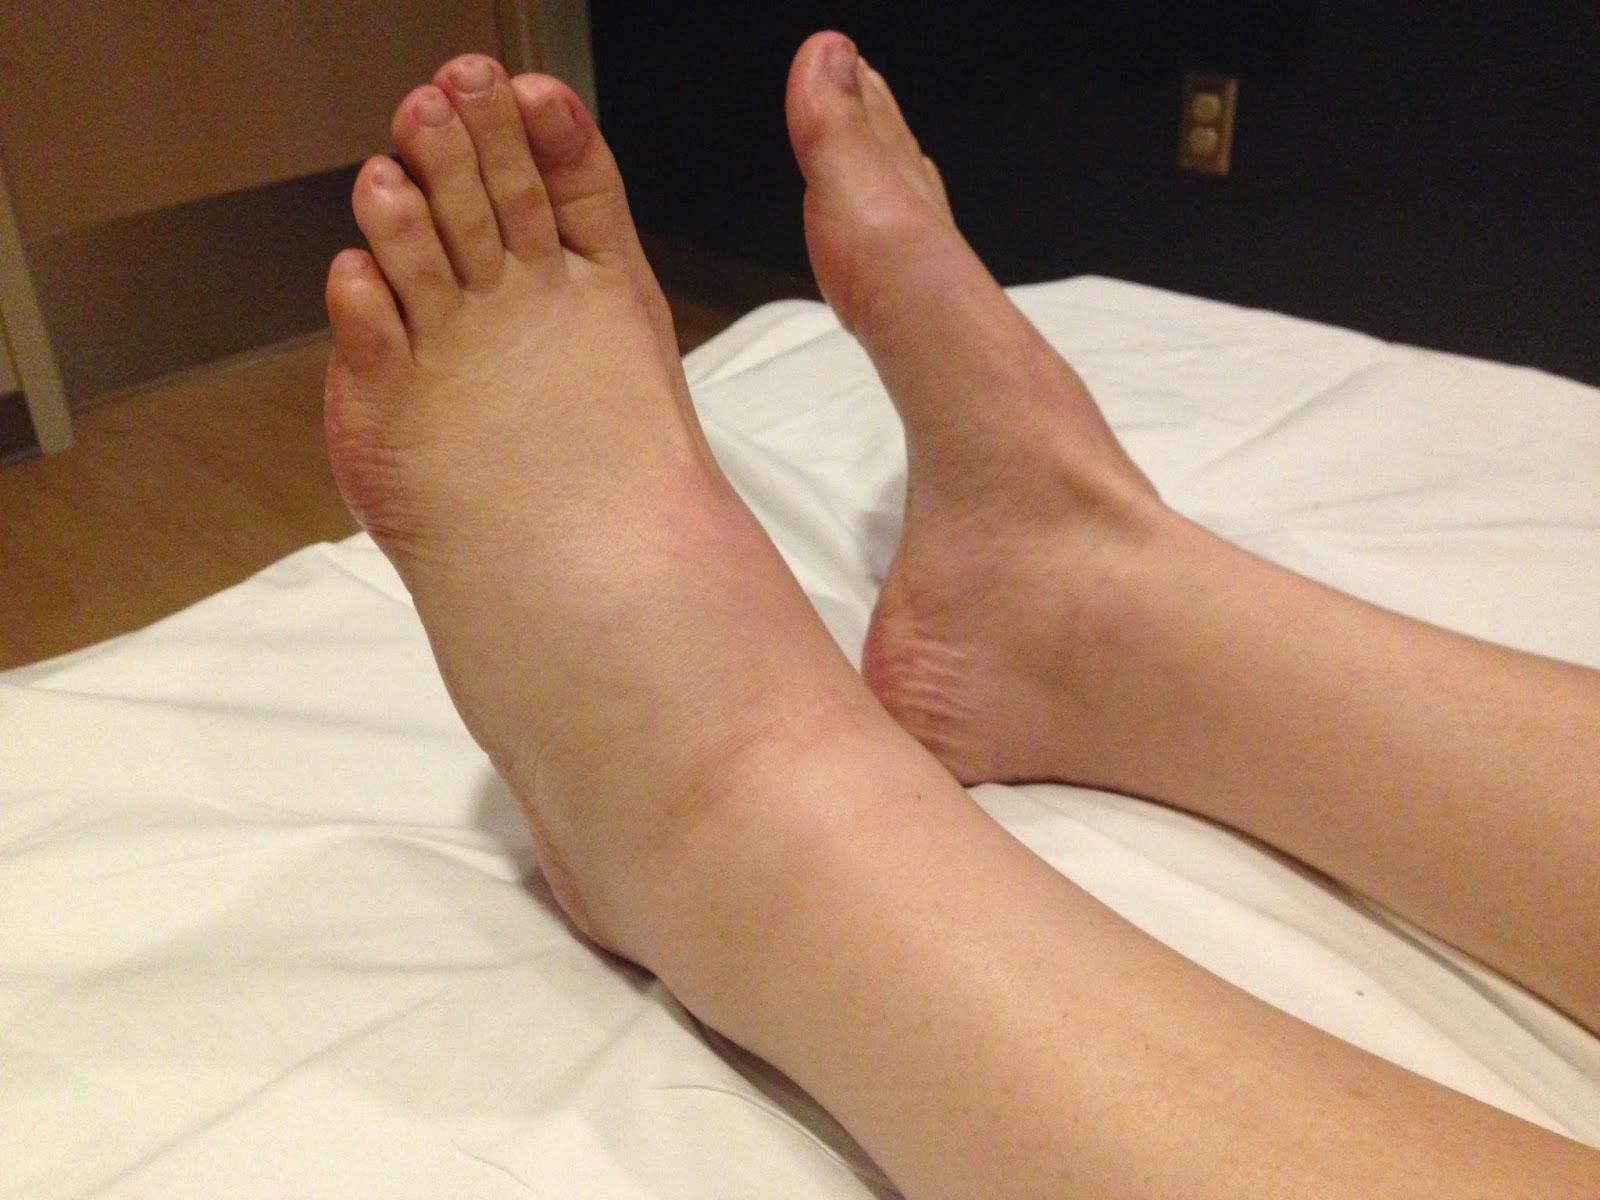 Ушиб пальца на ноге: что делать в домашних условиях 20